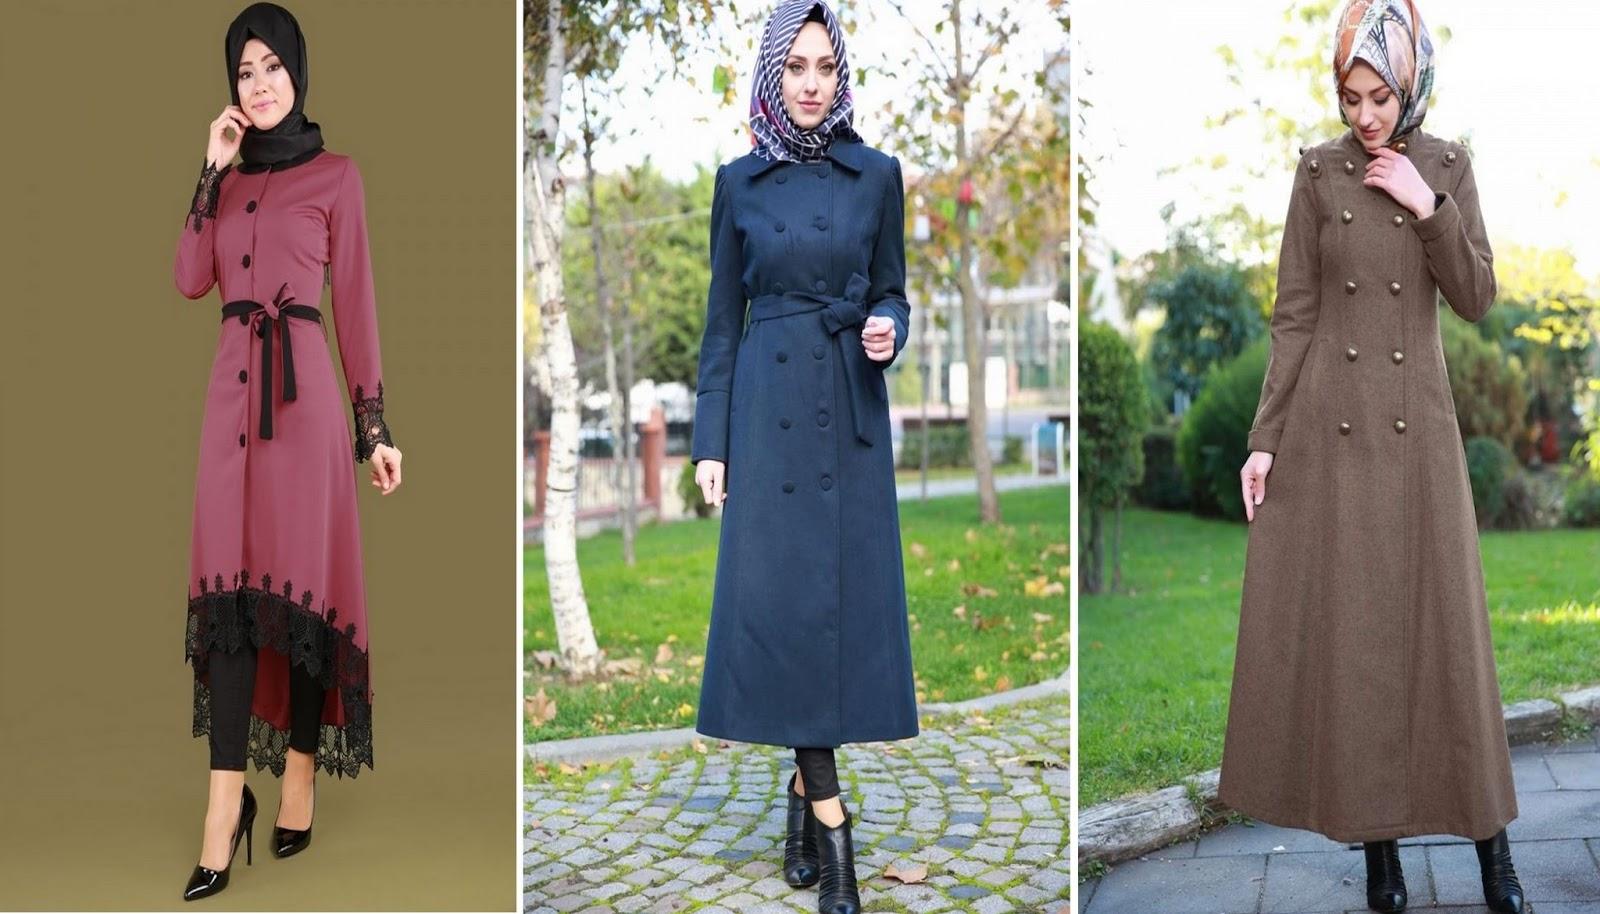 بالصور ملابس شتوية للمحجبات تركية , اجمل ملابس المحجبات التركيه الشتويه المتينه 831 3